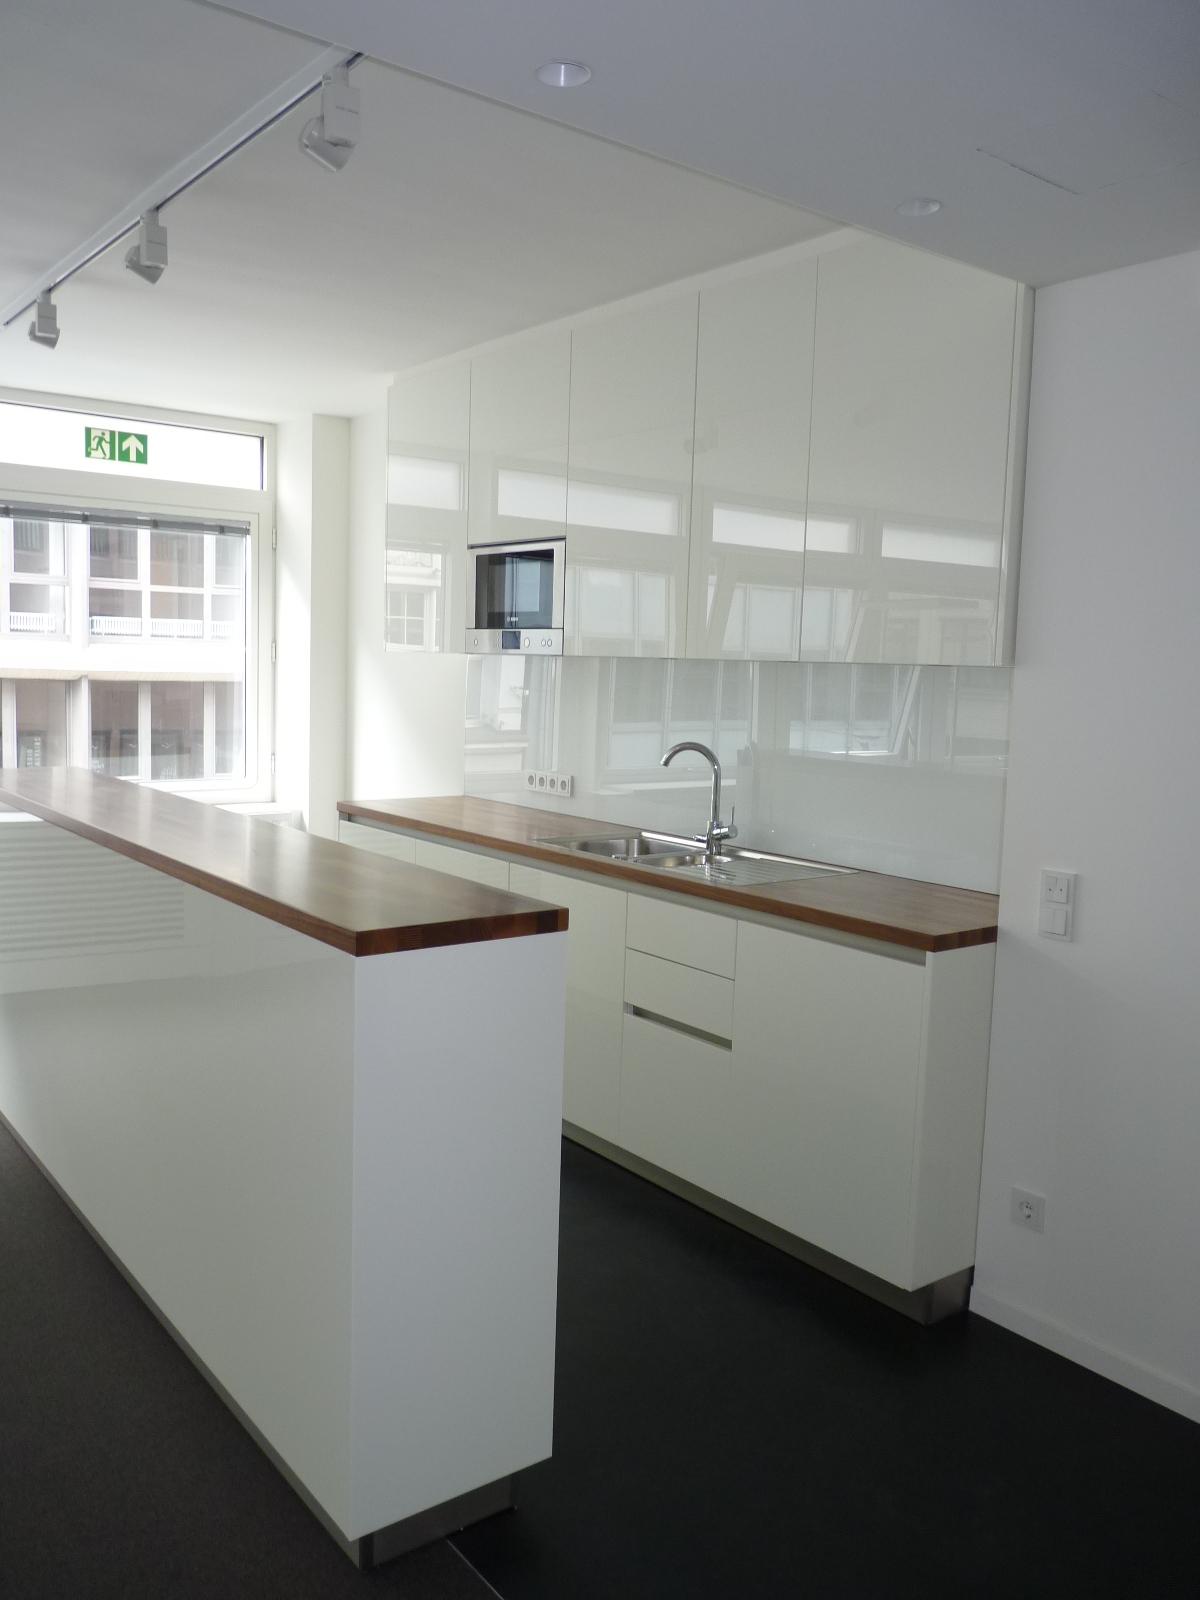 Design teeküche büro  Pantry & Teeküche